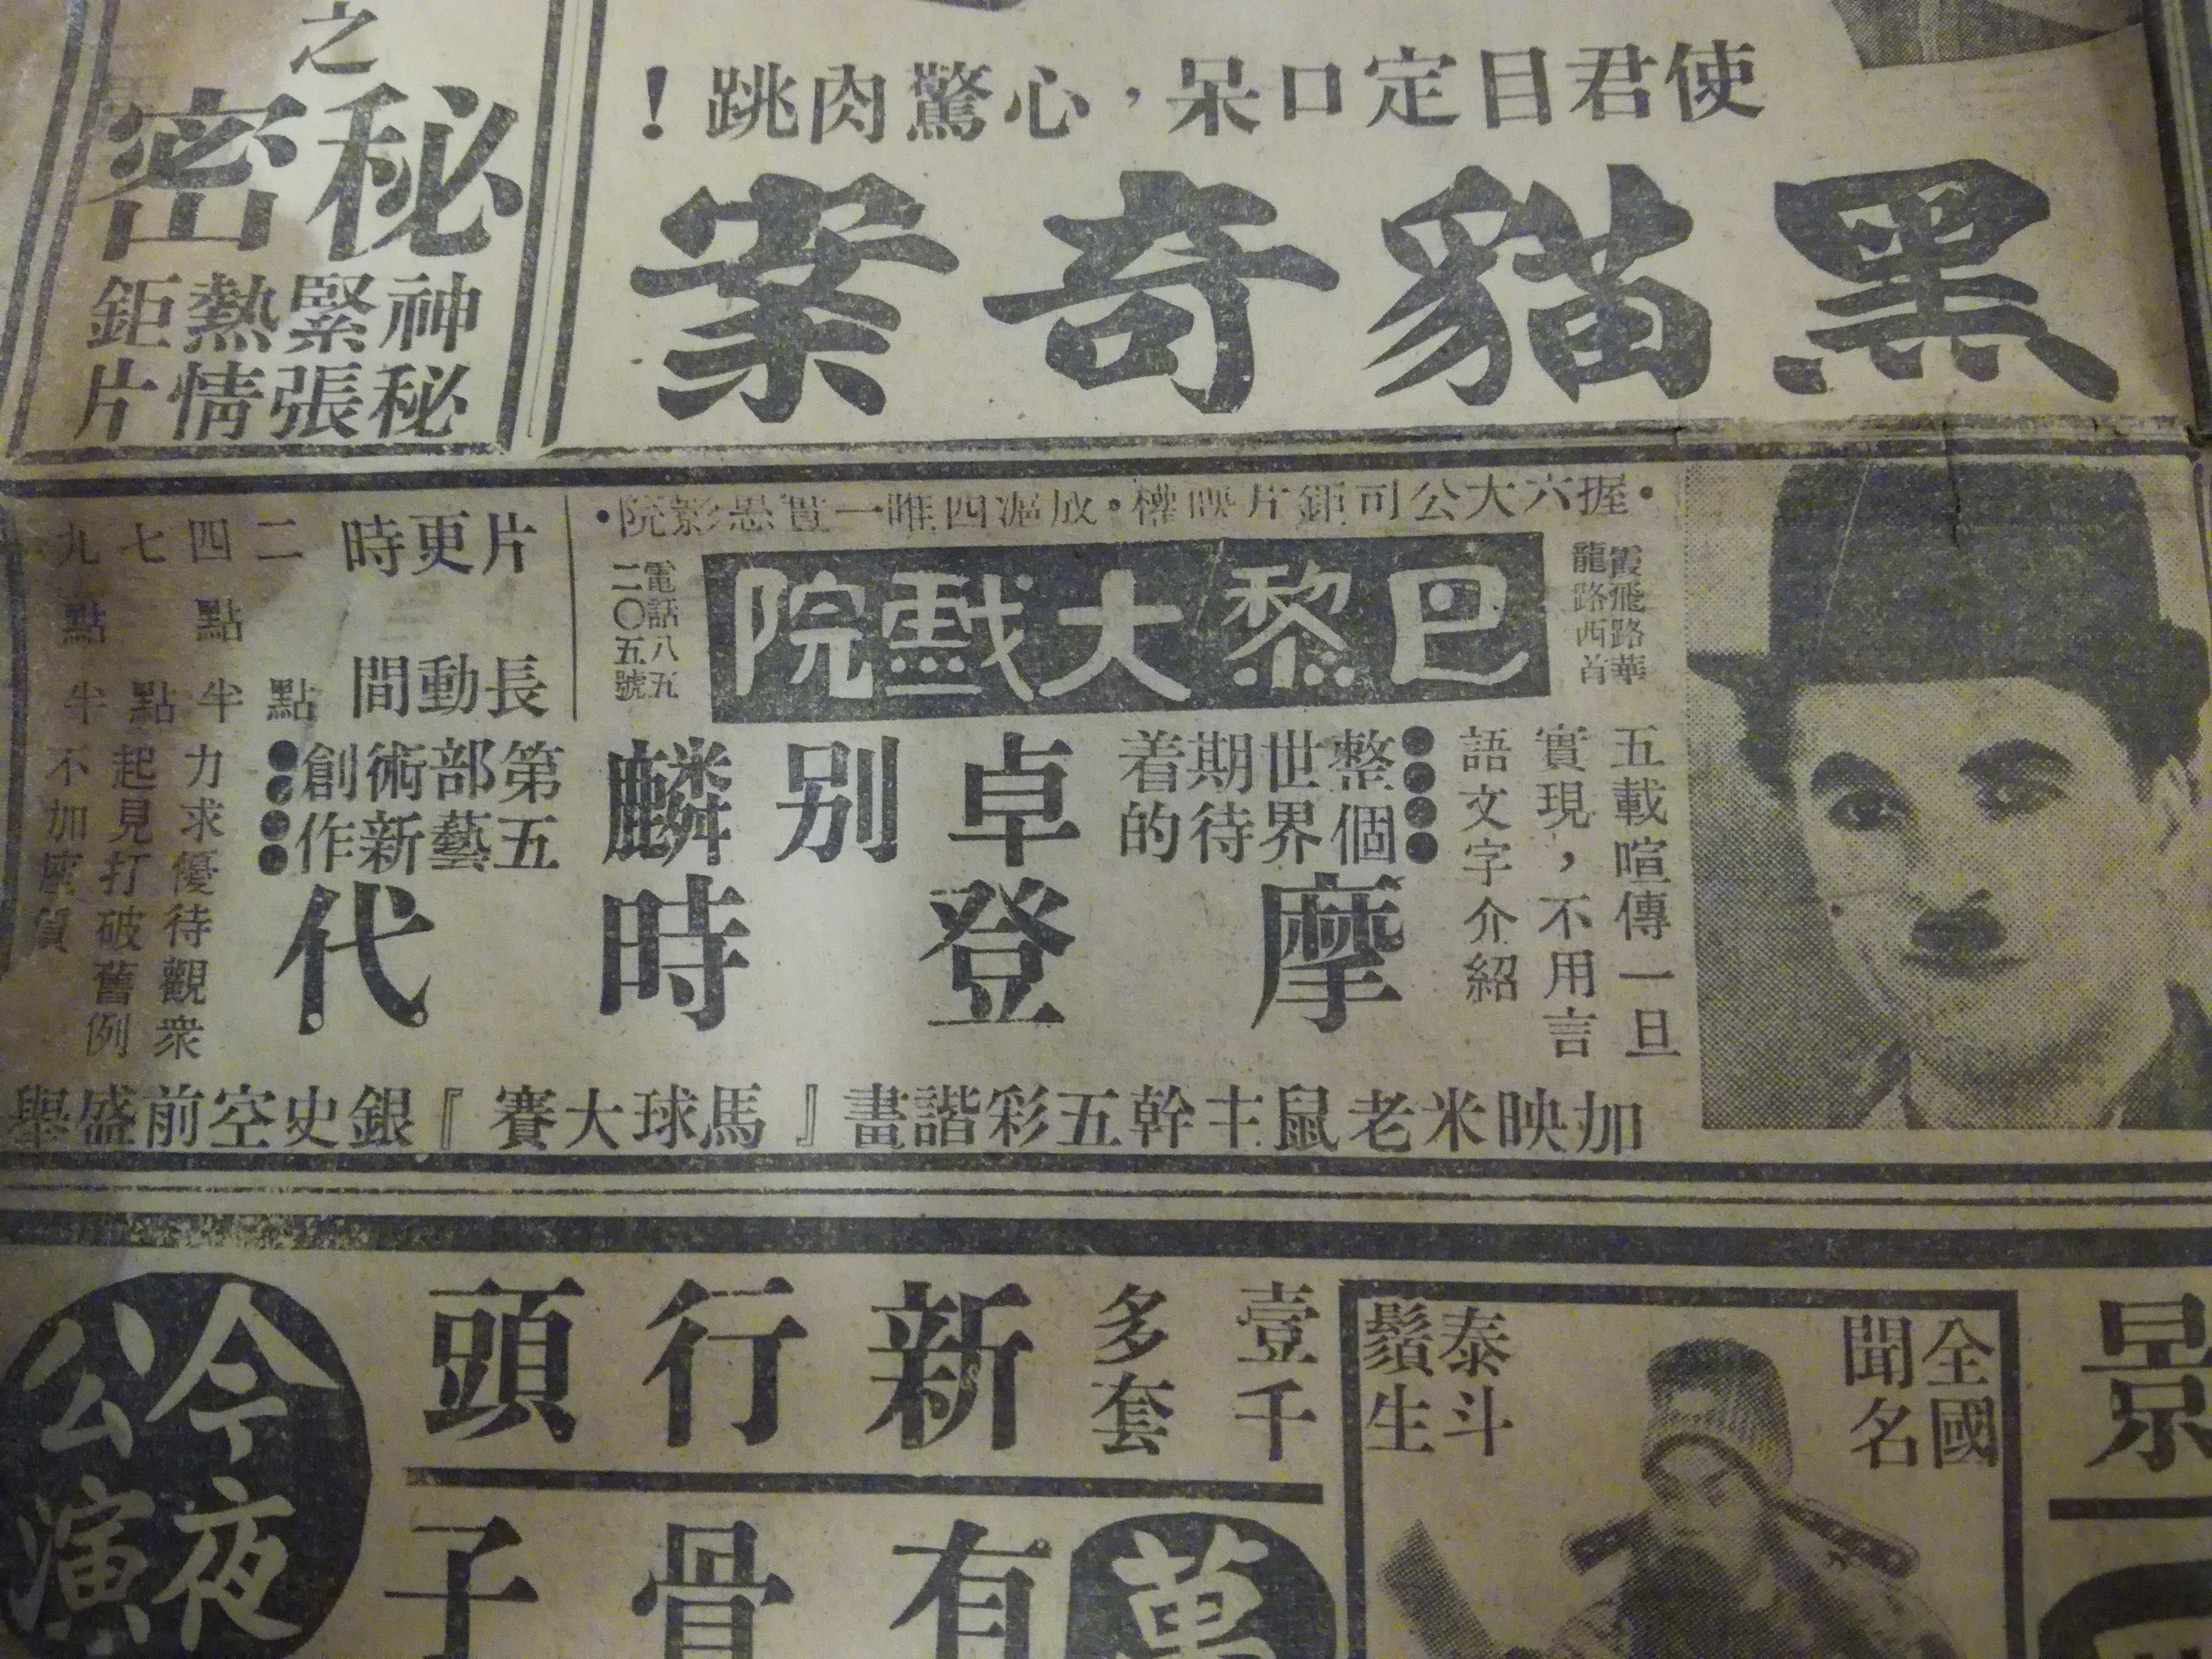 在家整理到一张民国26年的报纸上面竟然有卓别林的电影海报利家电影图片